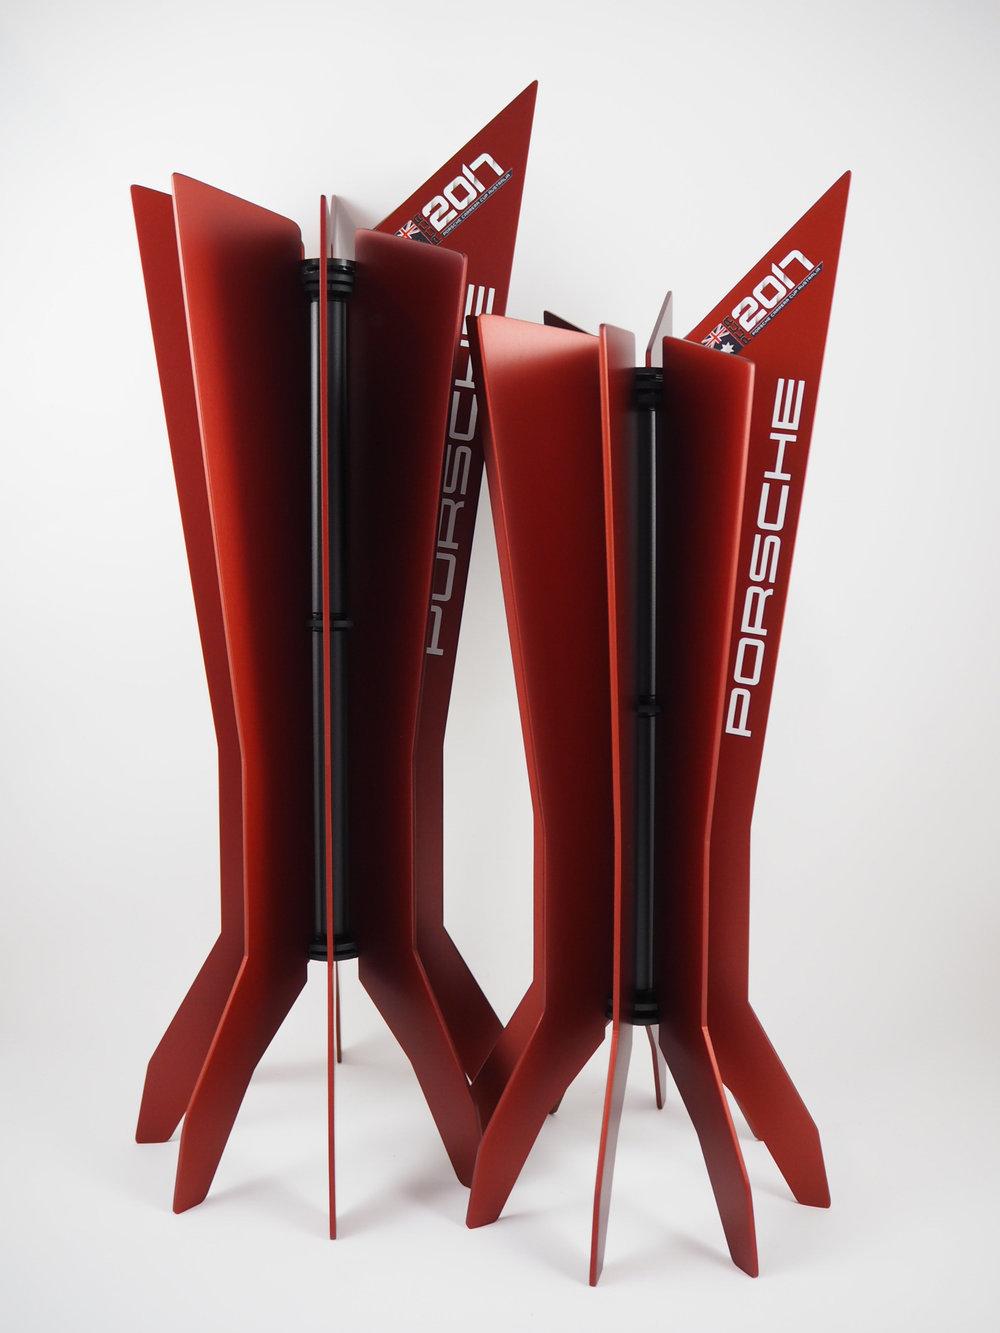 porsche-eos-aluminium-sculpture-trophy-awards-04.jpg